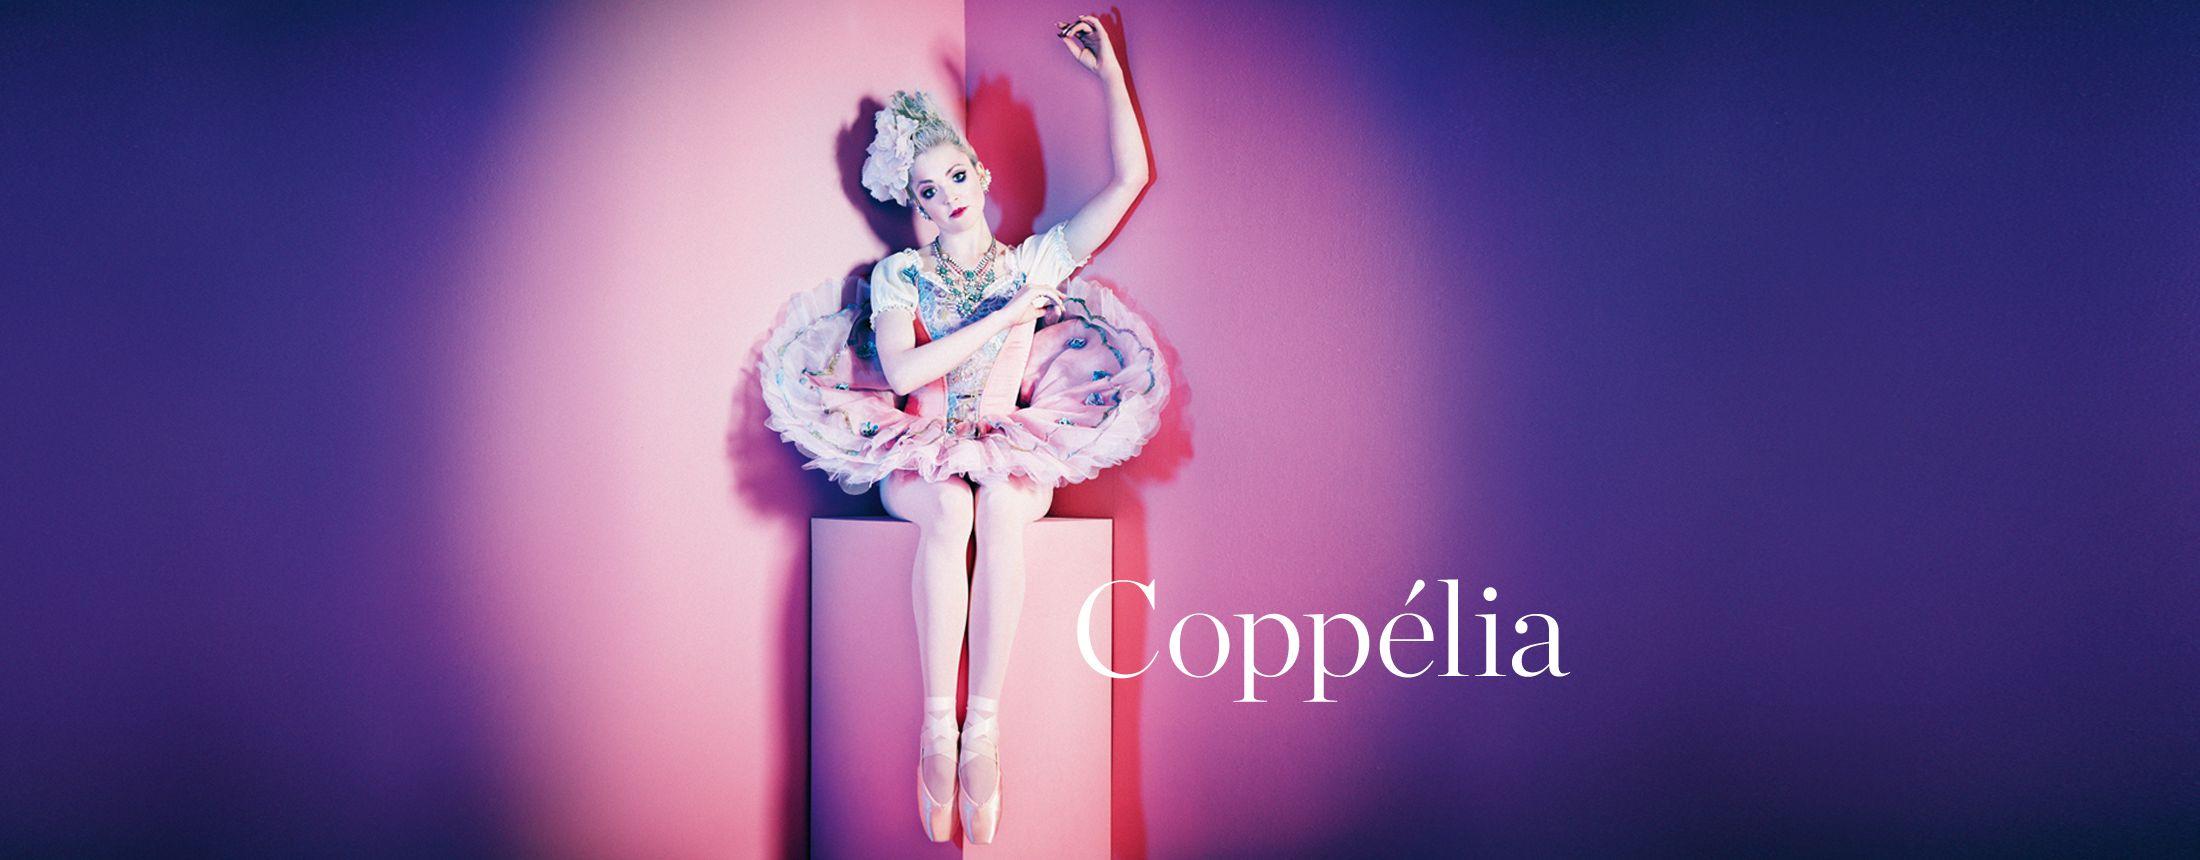 Coppelia (2015)